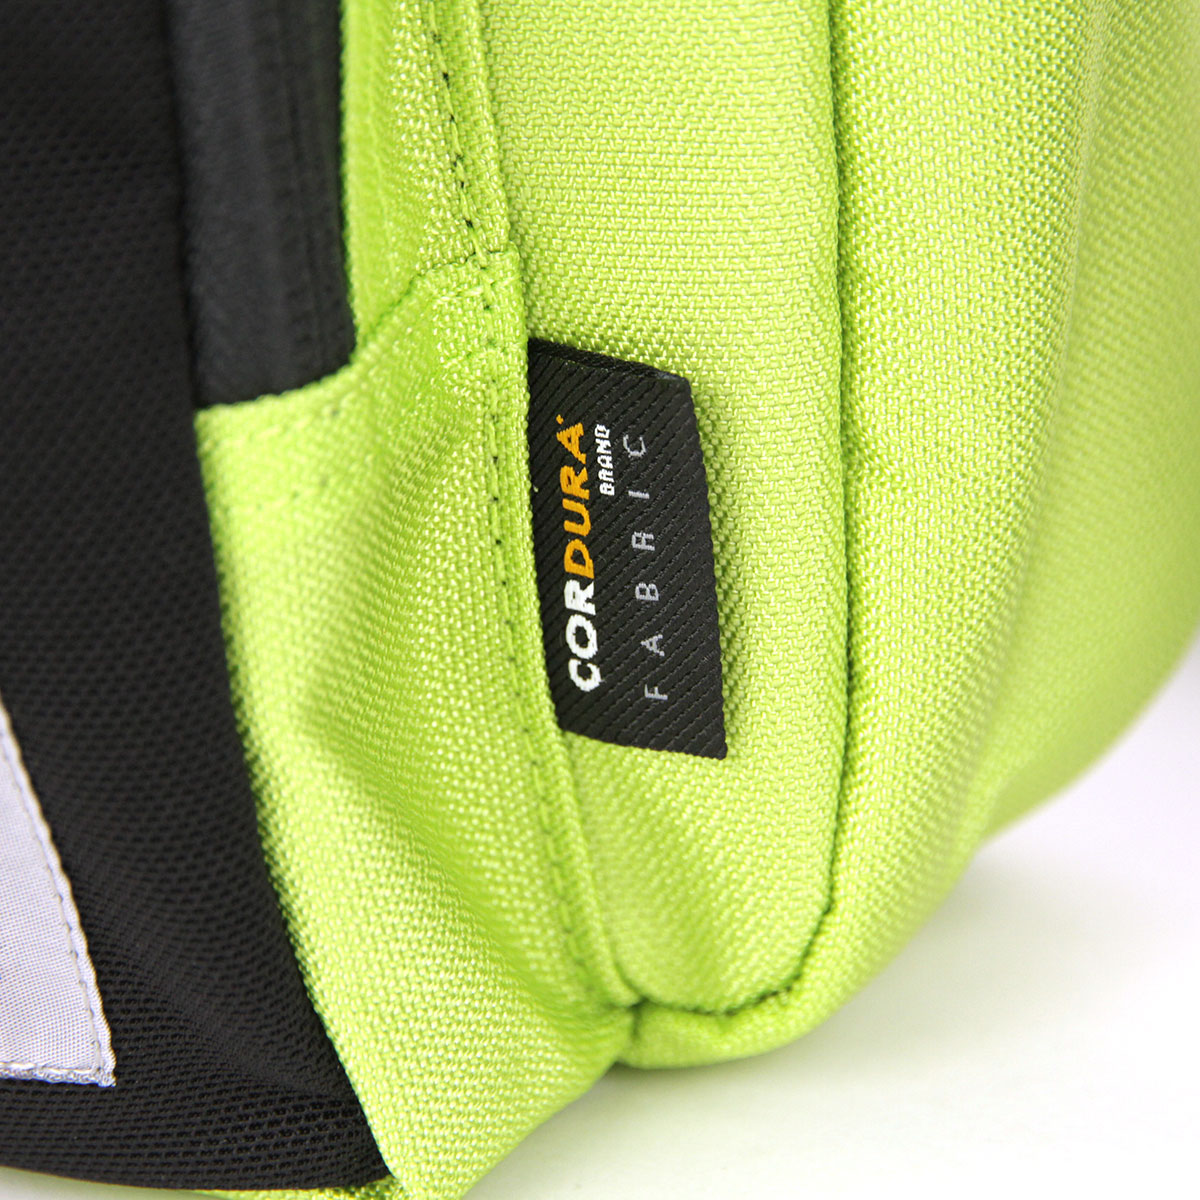 カーハート ショルダーバッグ メンズ レディース 正規販売店 CARHARTT WIP ミニバッグ ボディーバッグ CORDURA DELTA STRAP BAG LIME I027540 09E AB0B B3C C8D D4E E08F